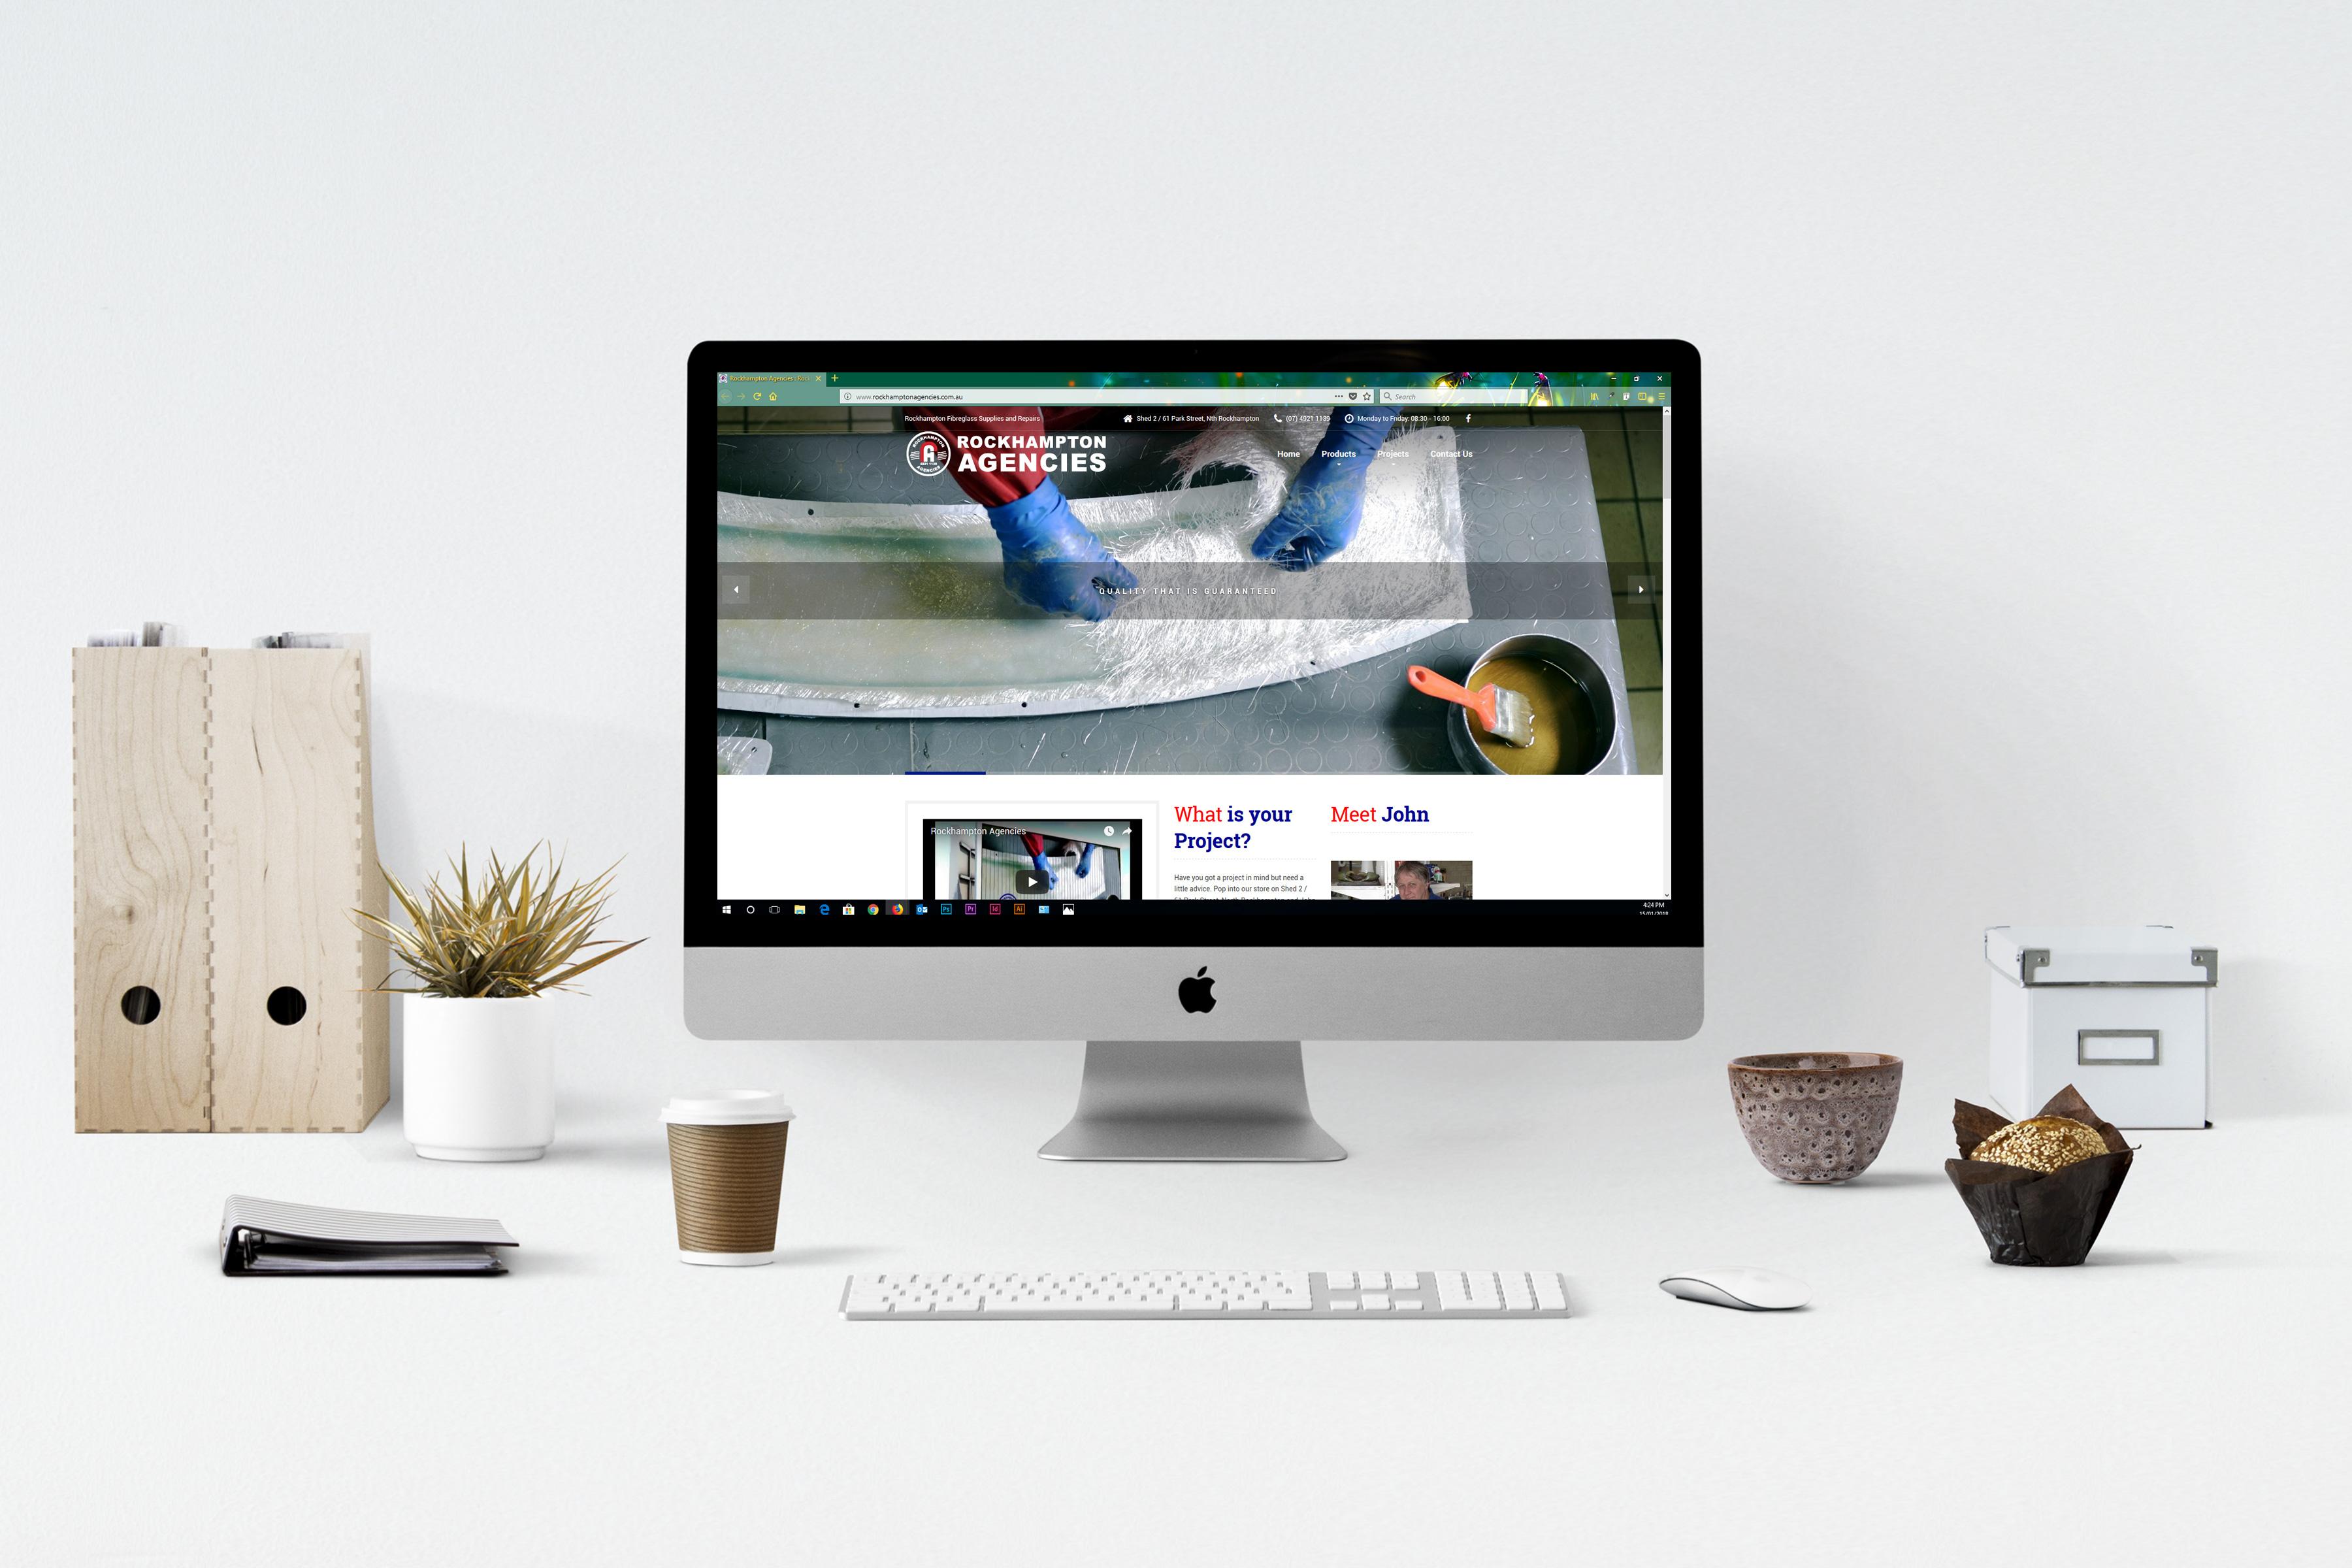 APAP Events Event Management and Graphic Design Rockhampton Rockhampton Agencies Website Preview